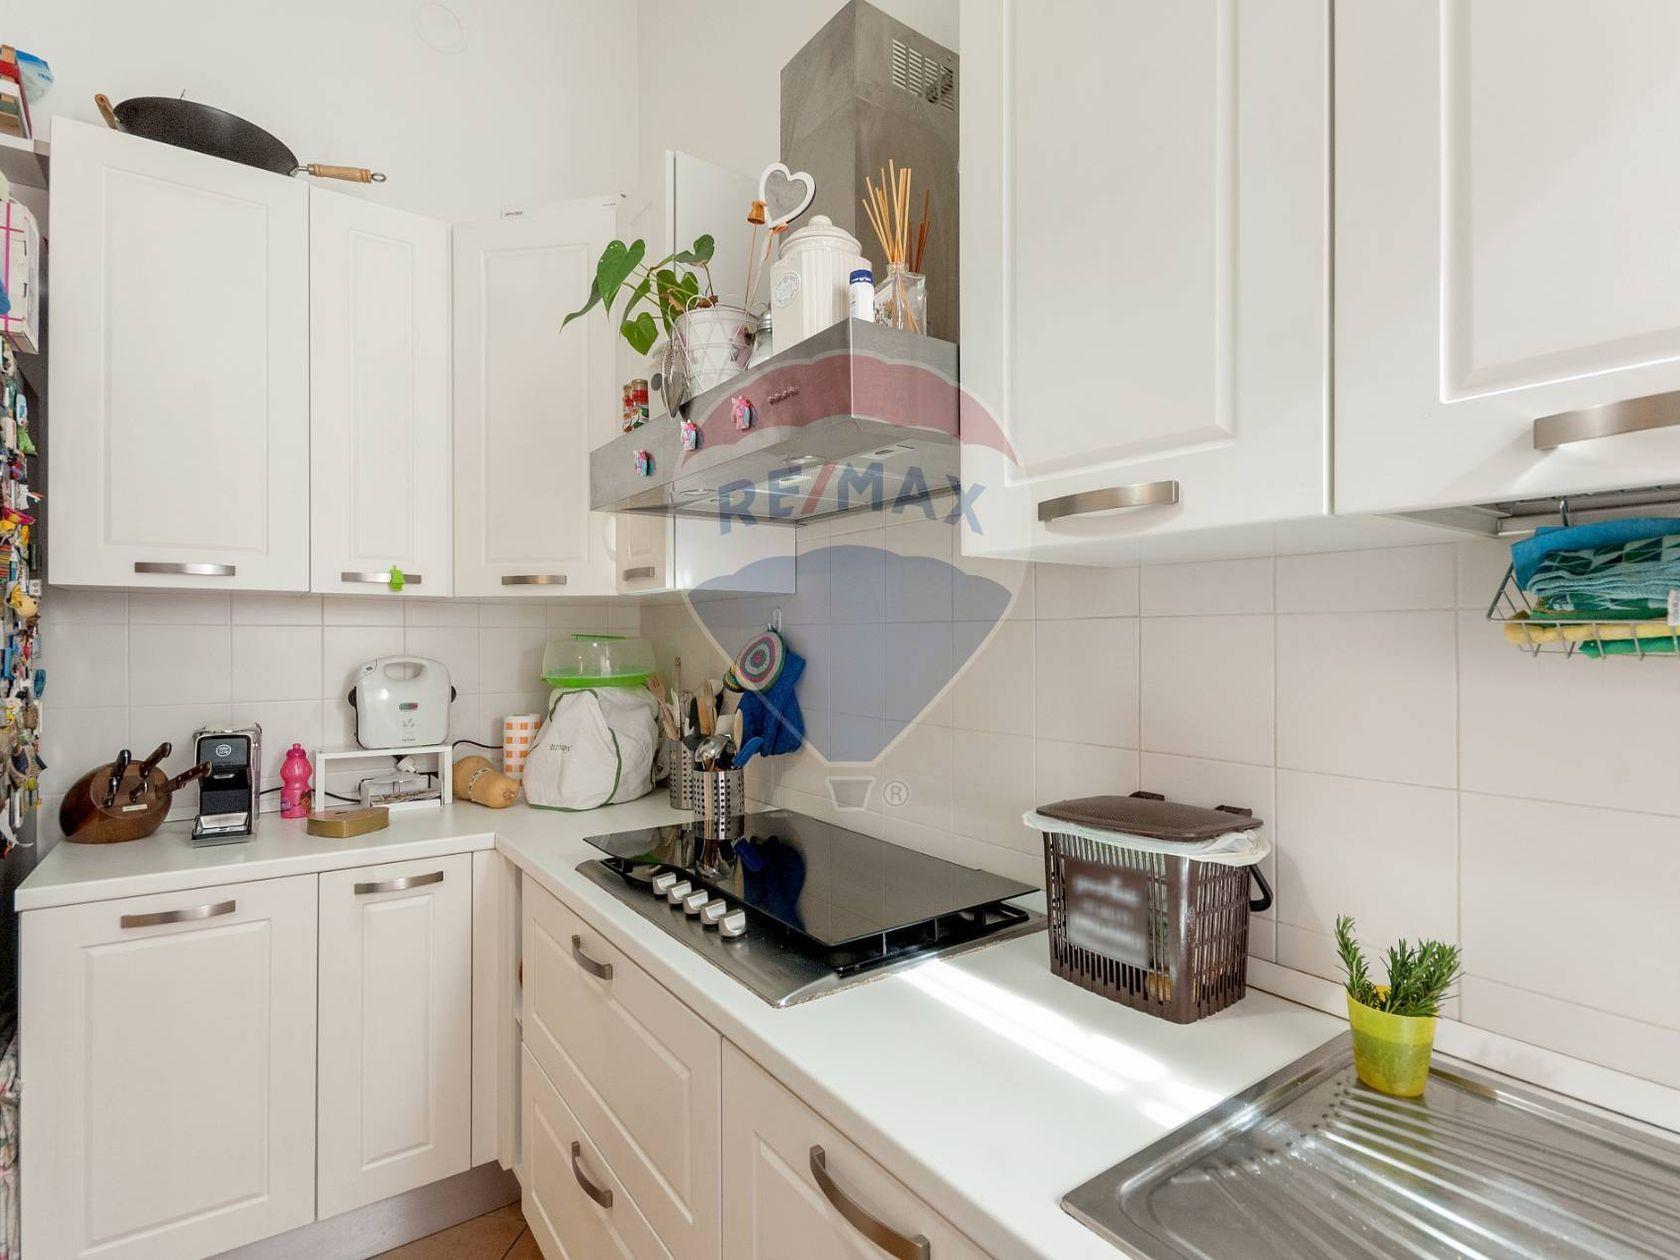 Appartamento Zona Centro Storico, San Giovanni in Persiceto, BO Vendita - Foto 14